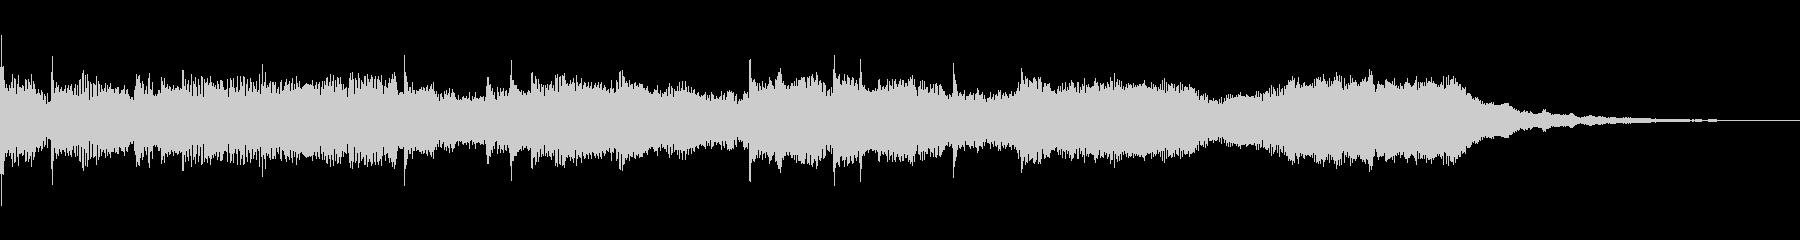 エレクトリックなクリア音の未再生の波形